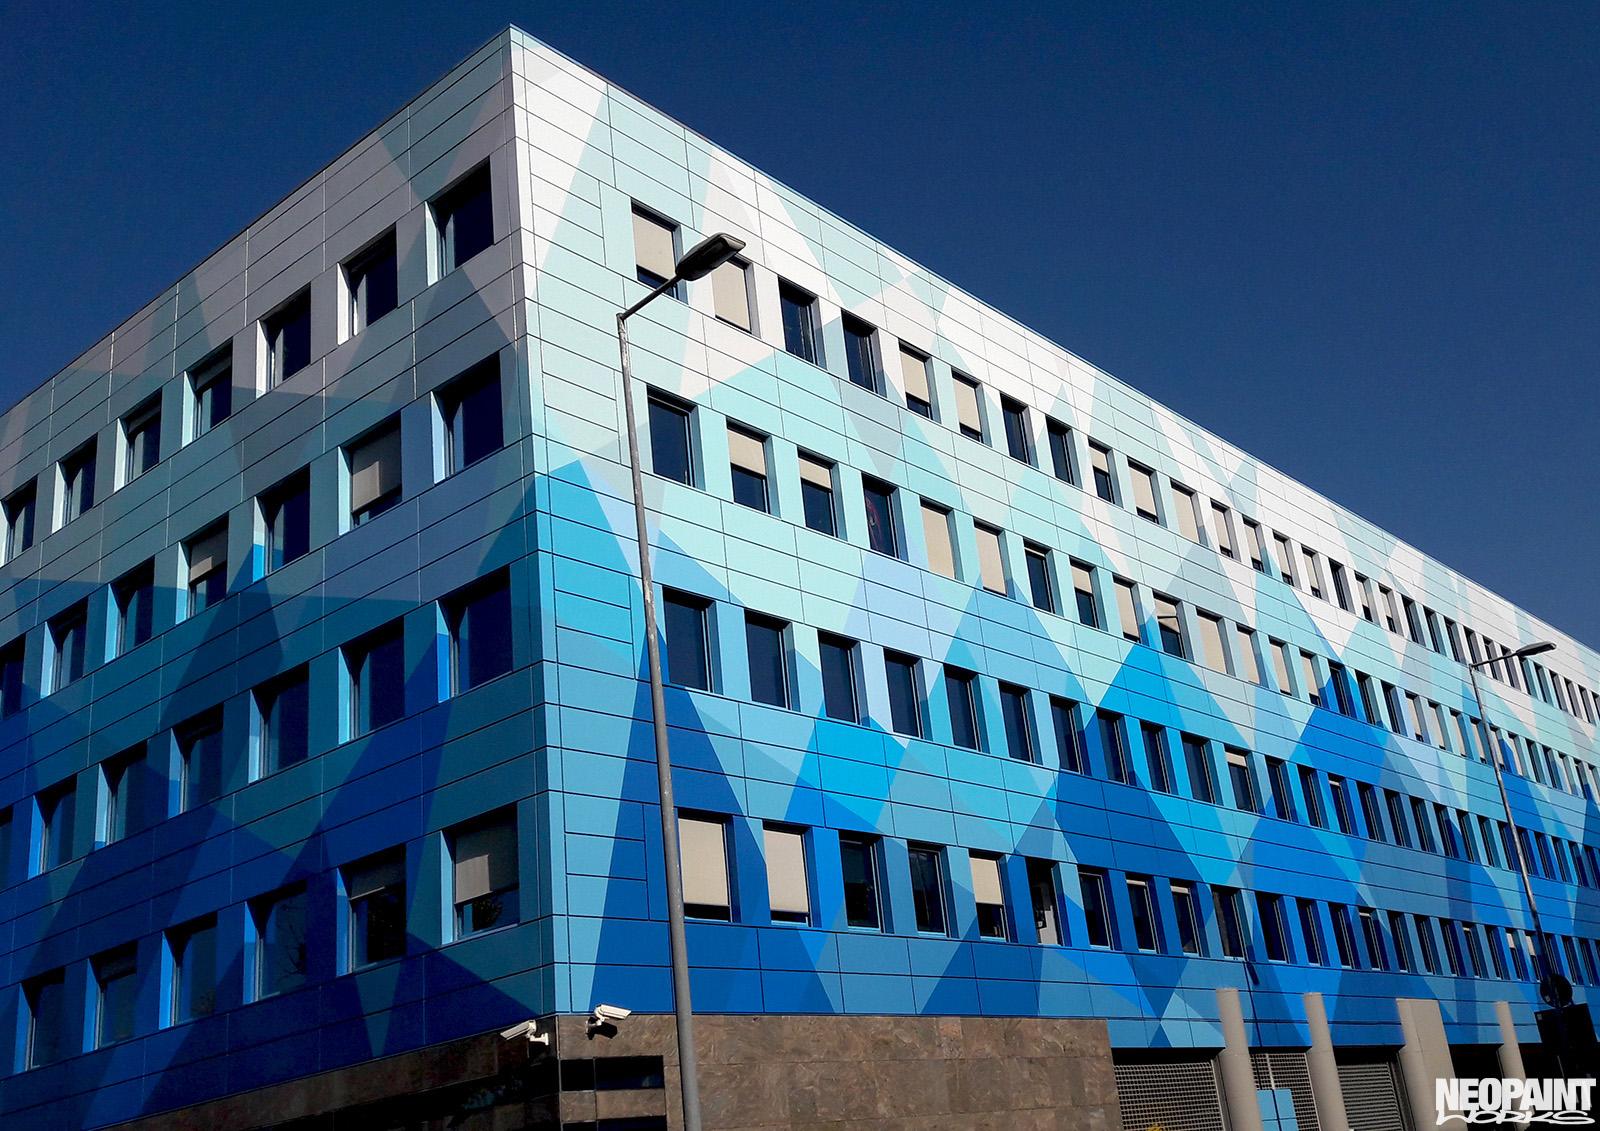 neopaint works - épület díszítőfestés - blue cube